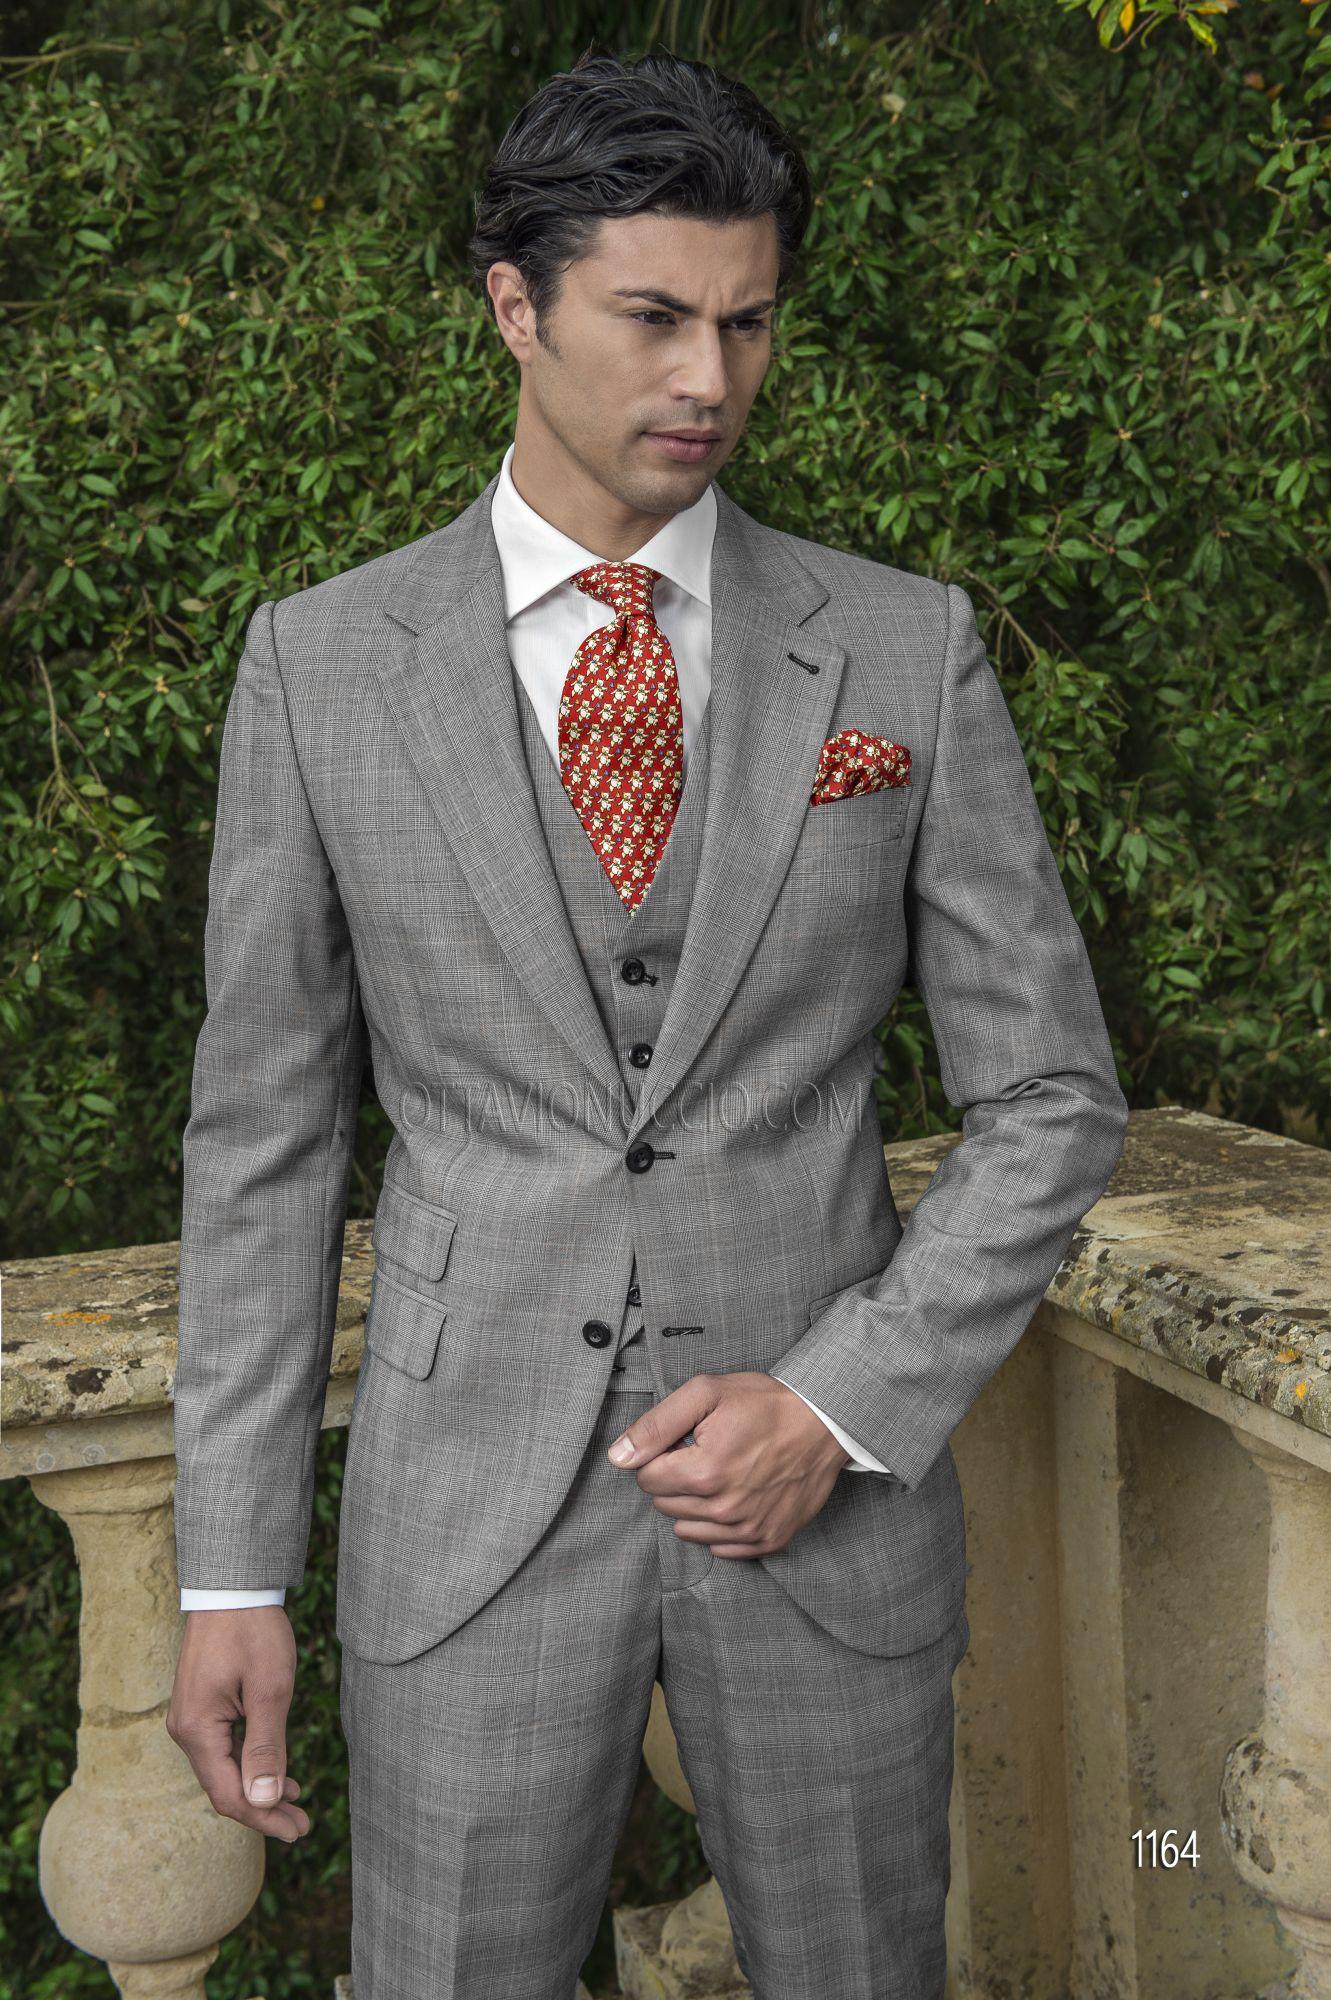 ONGala 1164 - Abito sposo uomo in misto lana Principe di Galles grigio 2b38931550b